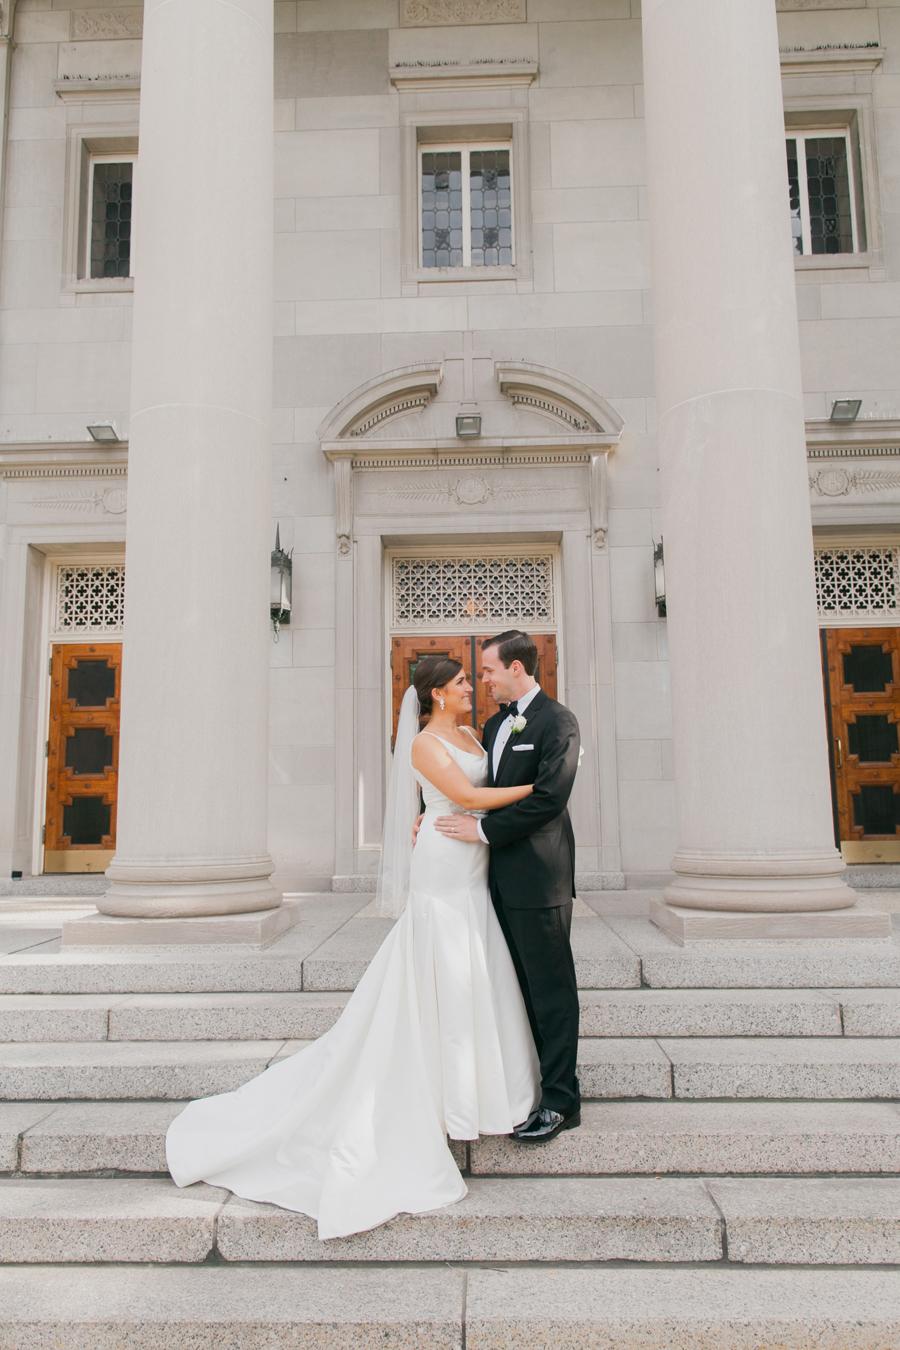 drury-lane-wedding-013